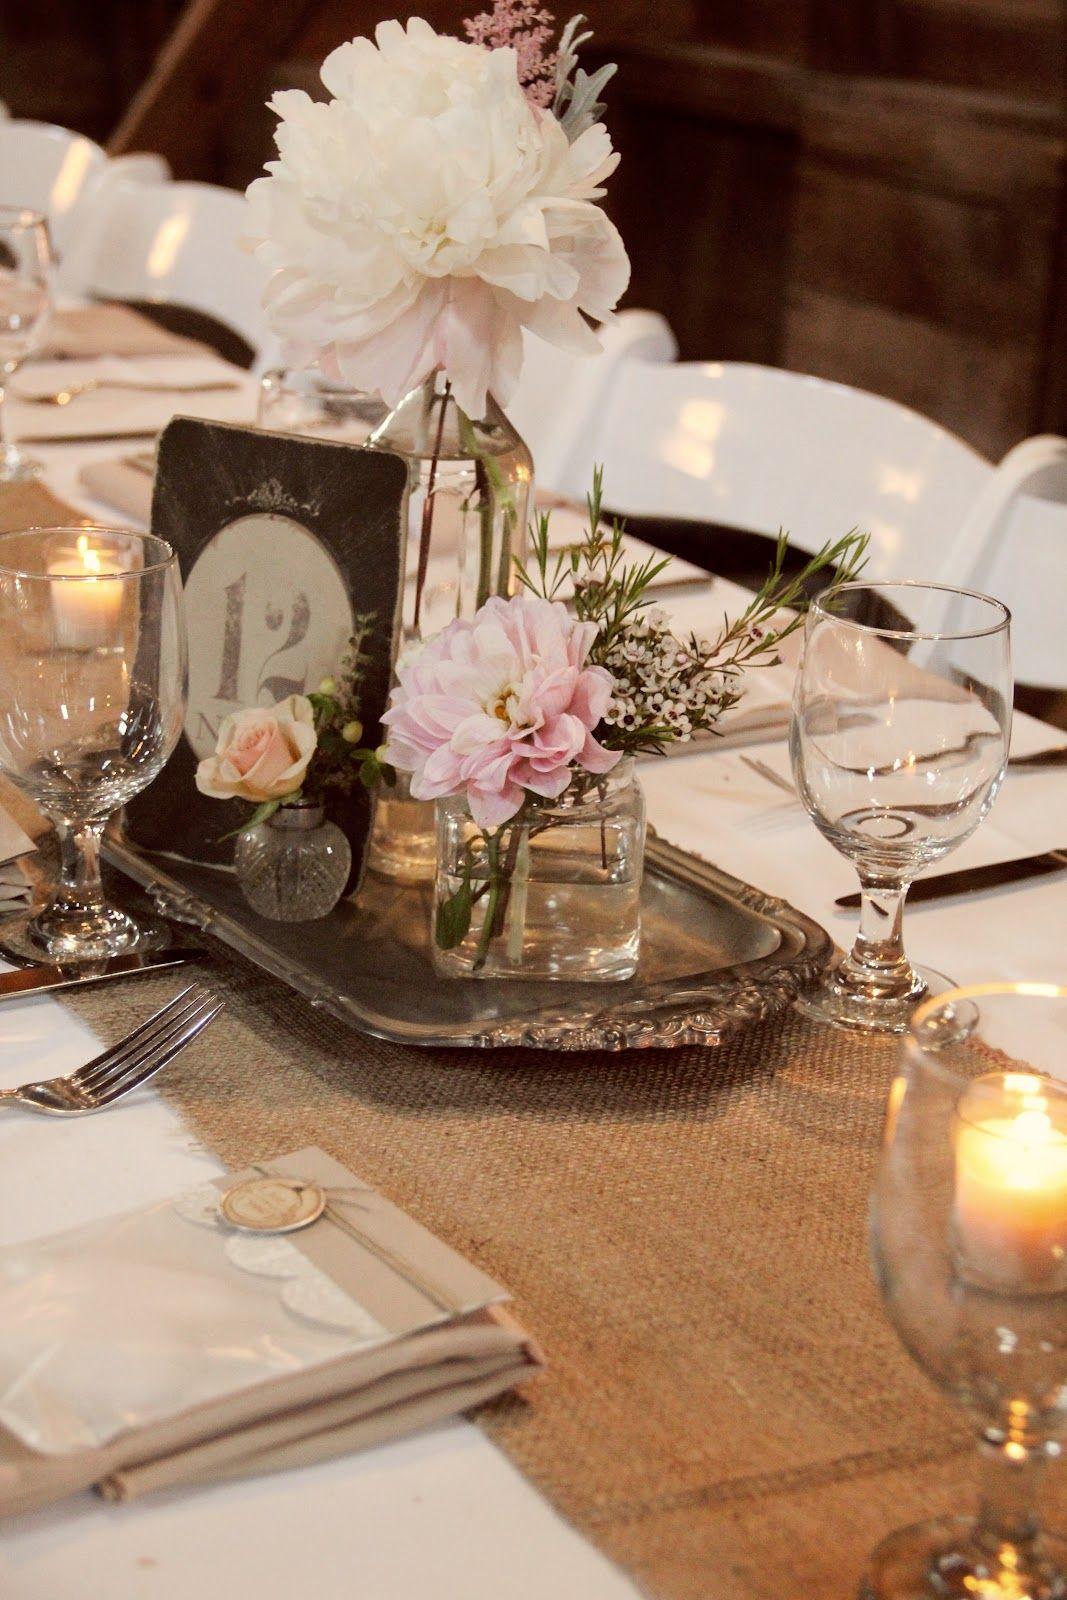 Whimsy Vintage Wedding Reception Vintage Wedding Centerpieces Vintage Centerpieces